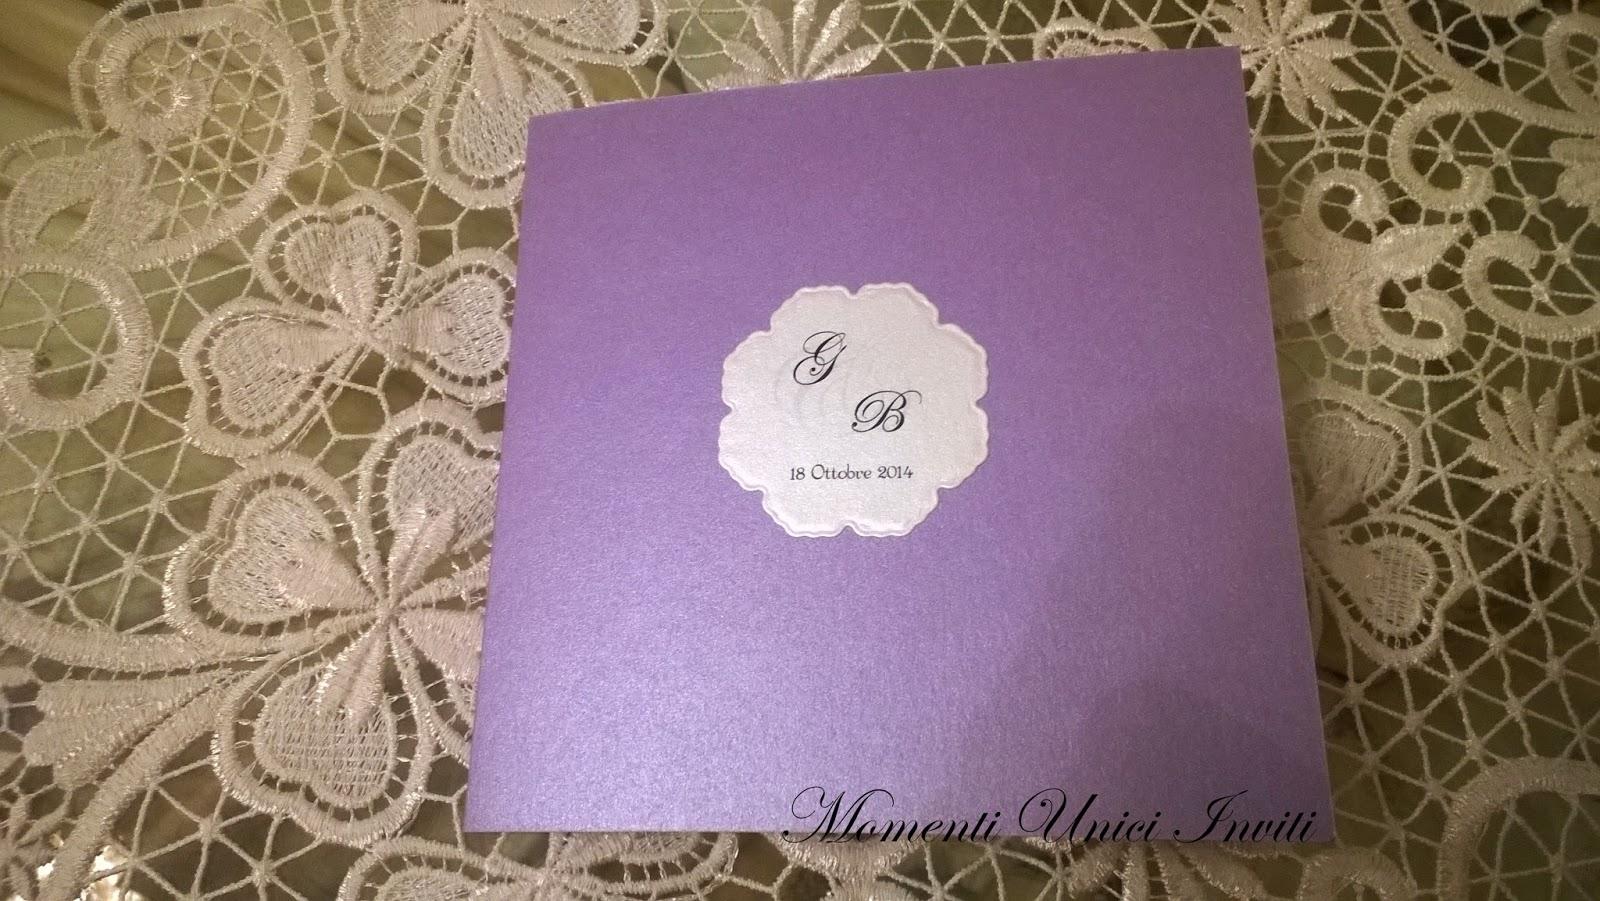 1 Partecipazione con angolo in pizzoColore Lilla Colore Viola Partecipazioni Pizzo